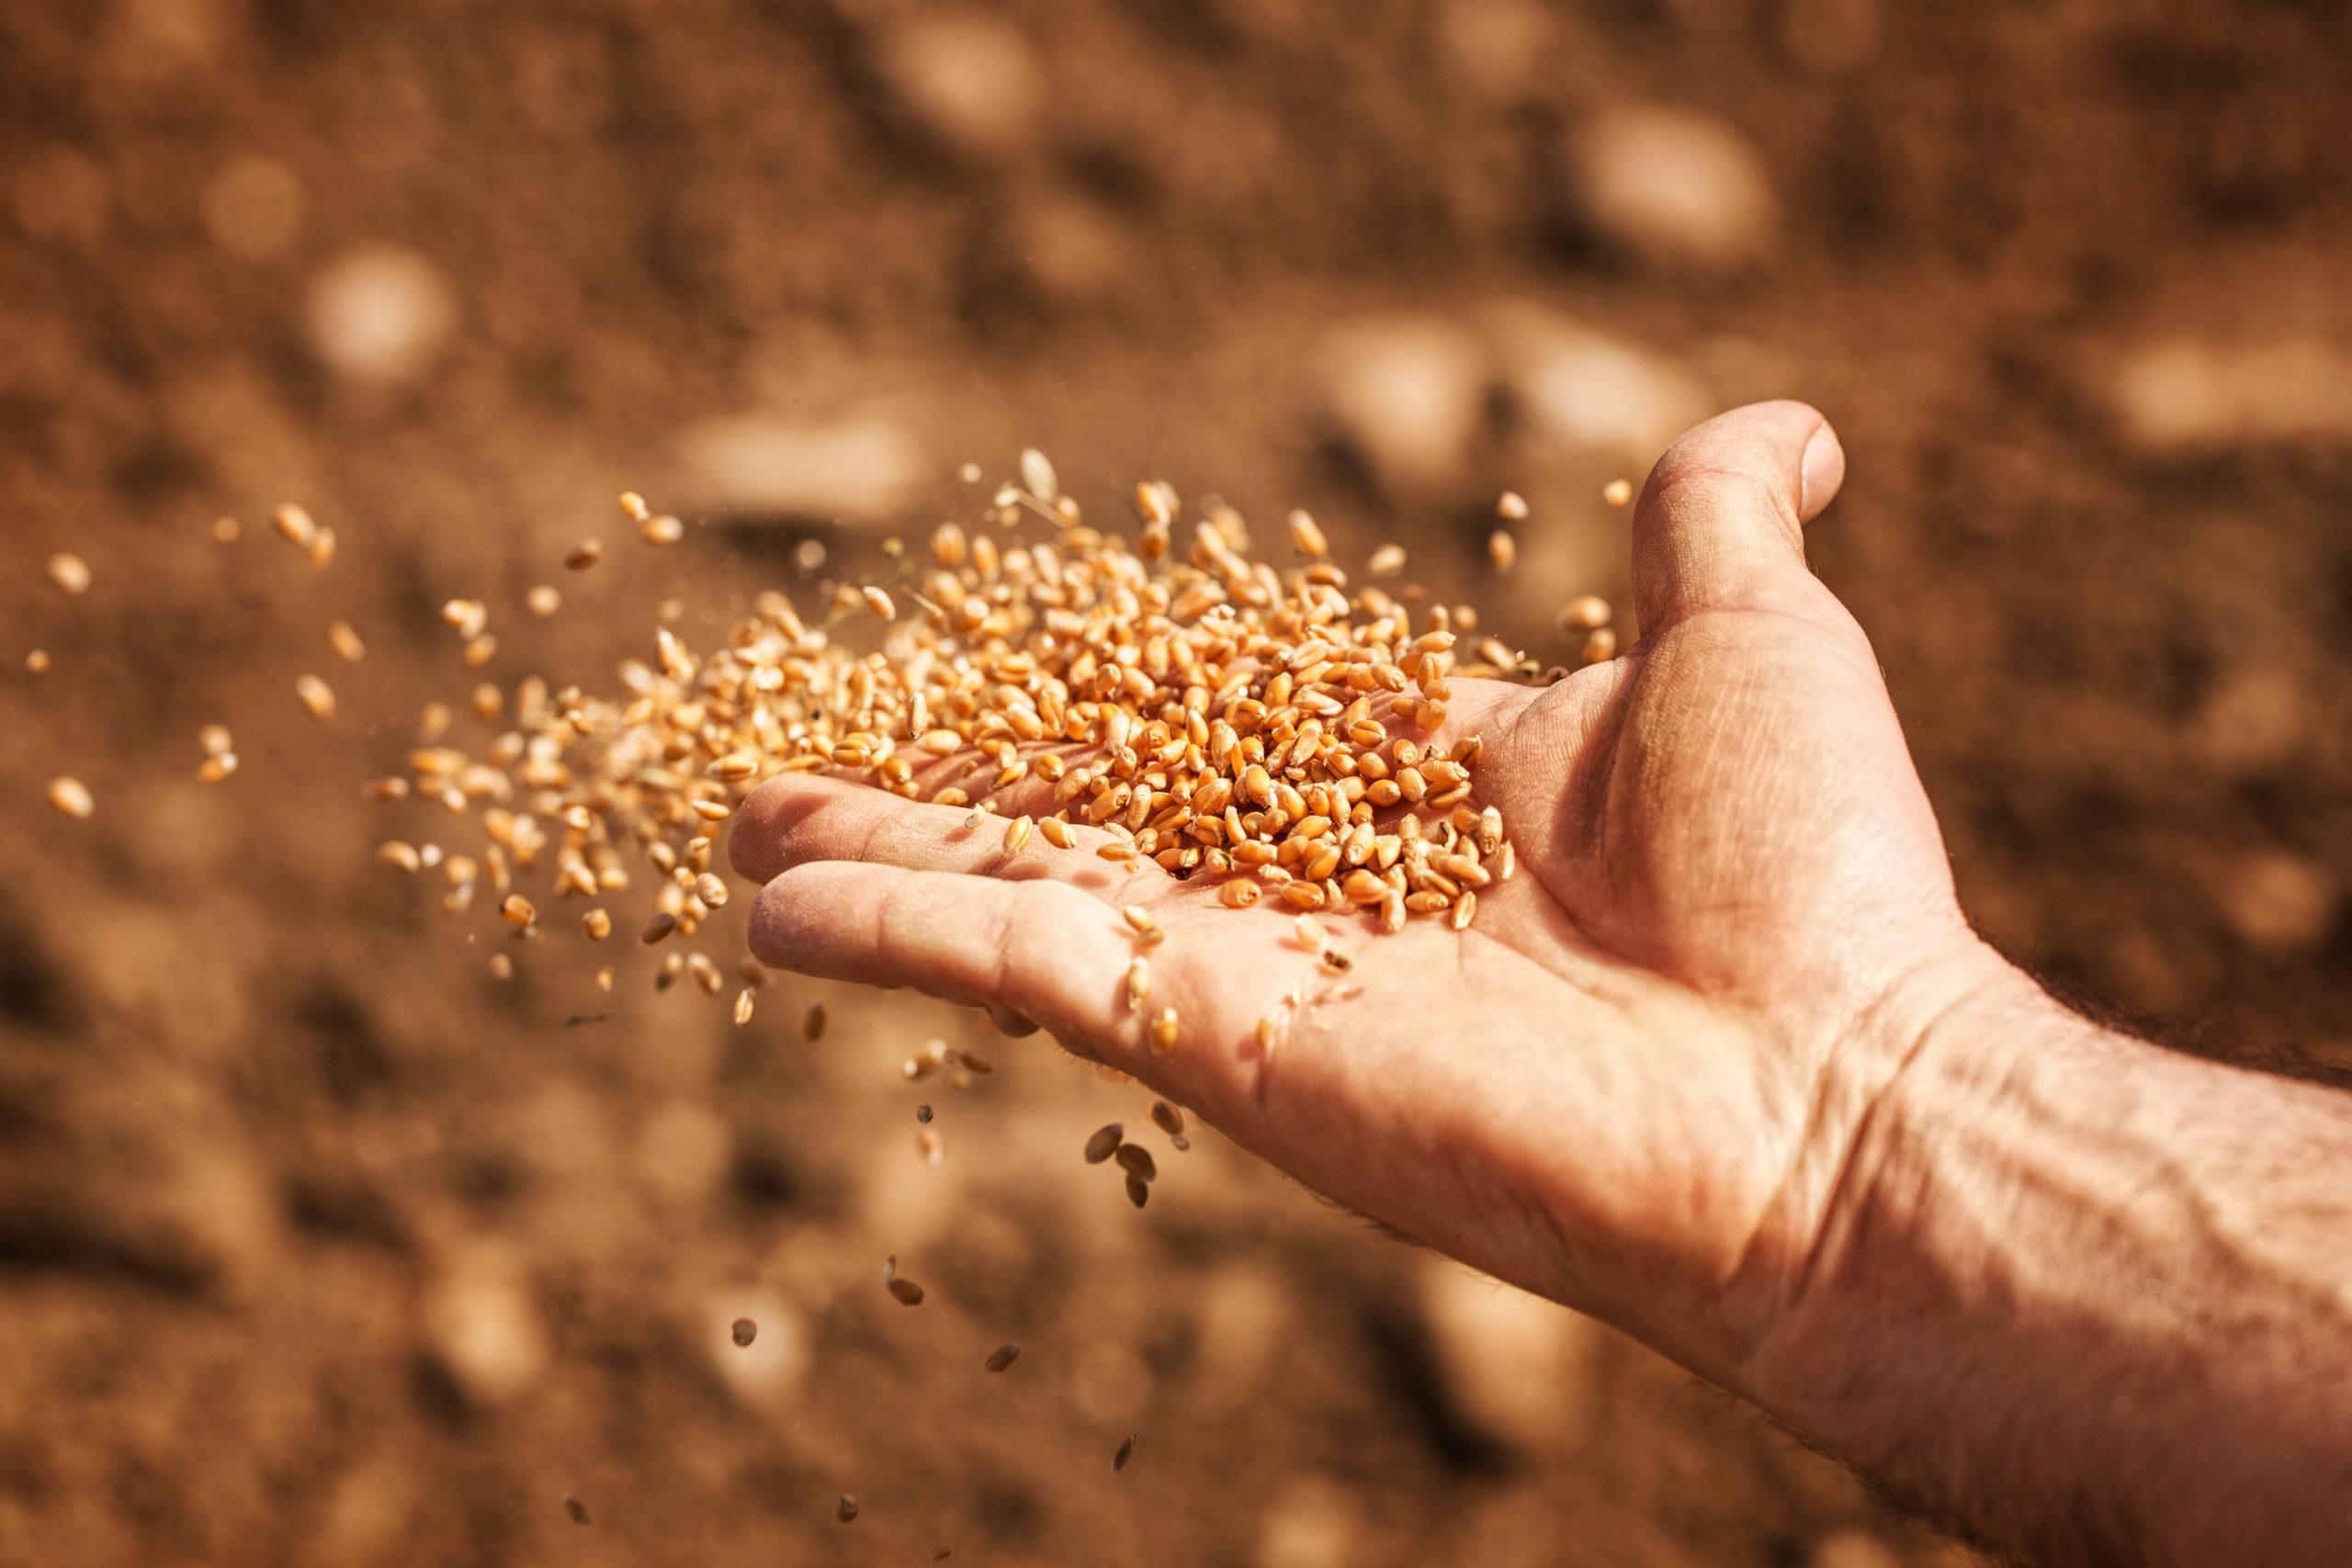 La difficile réforme de la loi illégitime sur les semences!